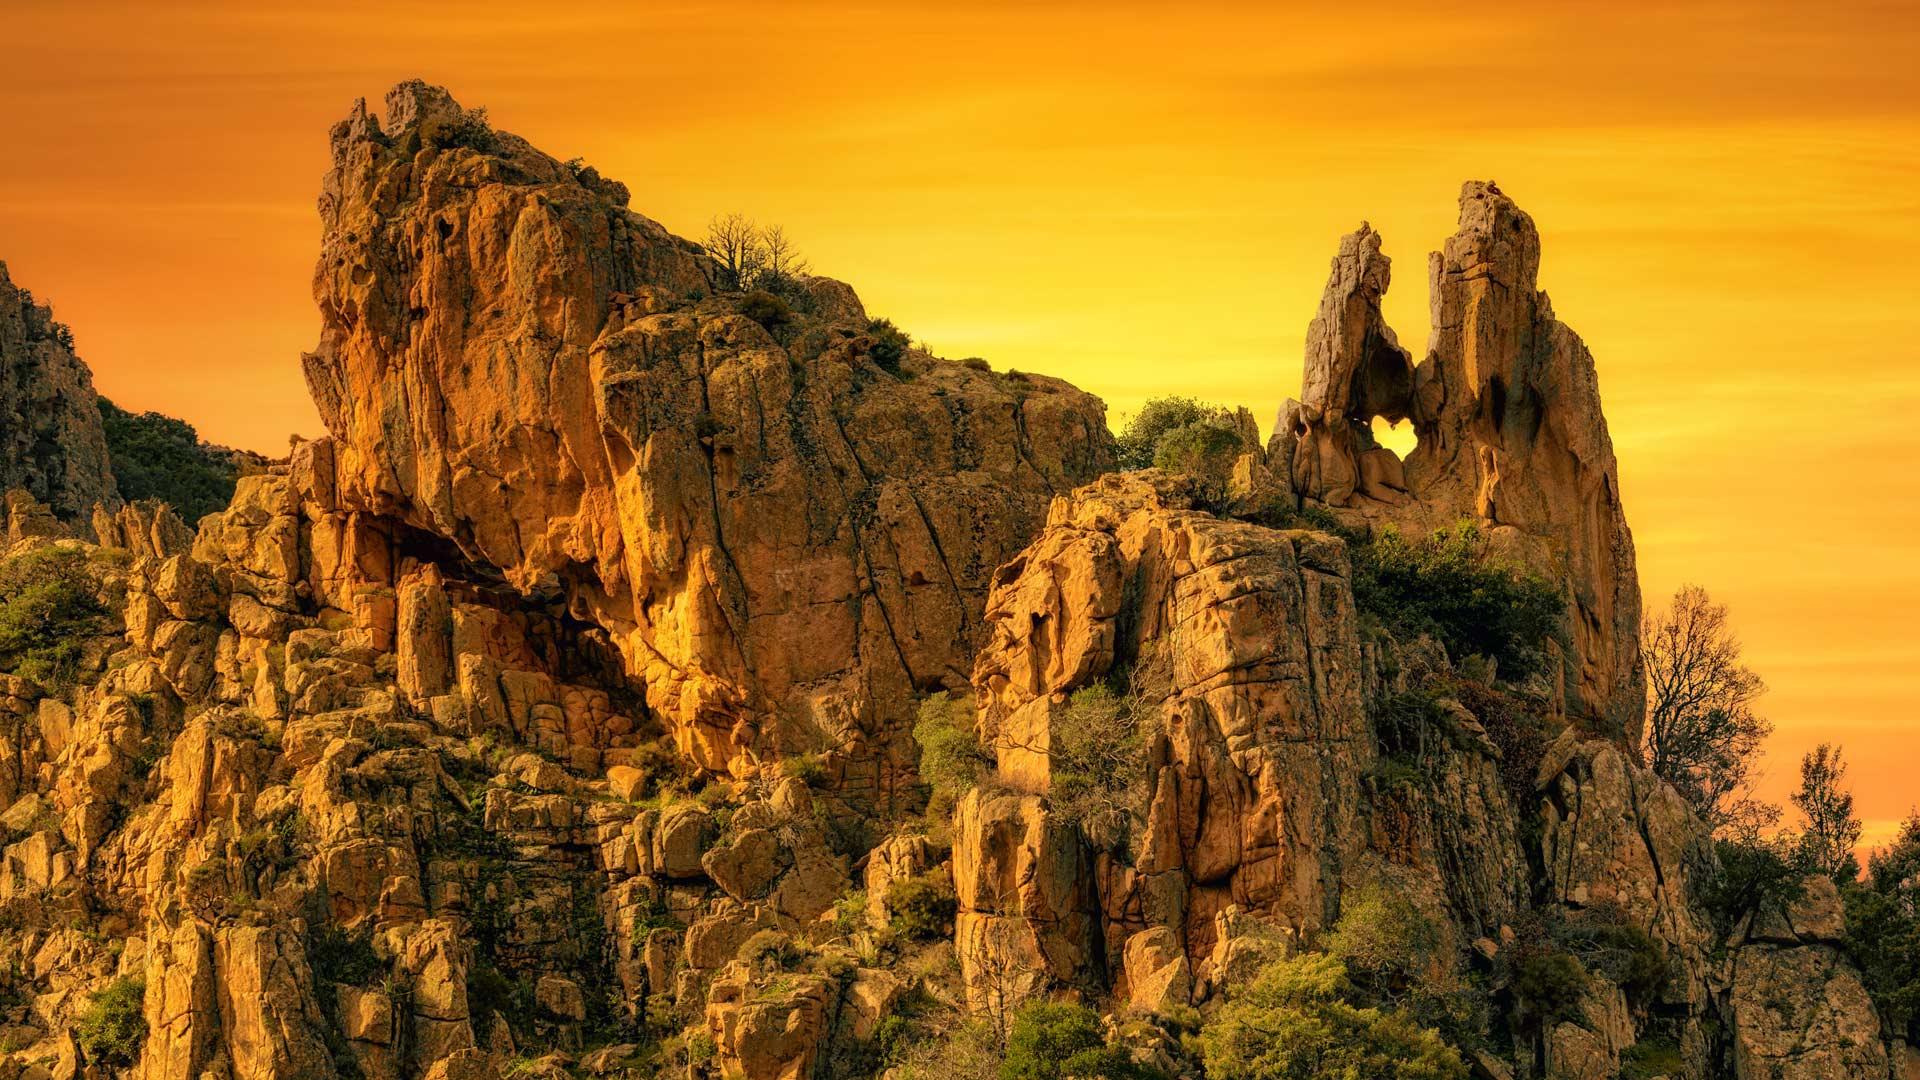 「ピアナのカランケのハート岩」フランス, コルシカ島